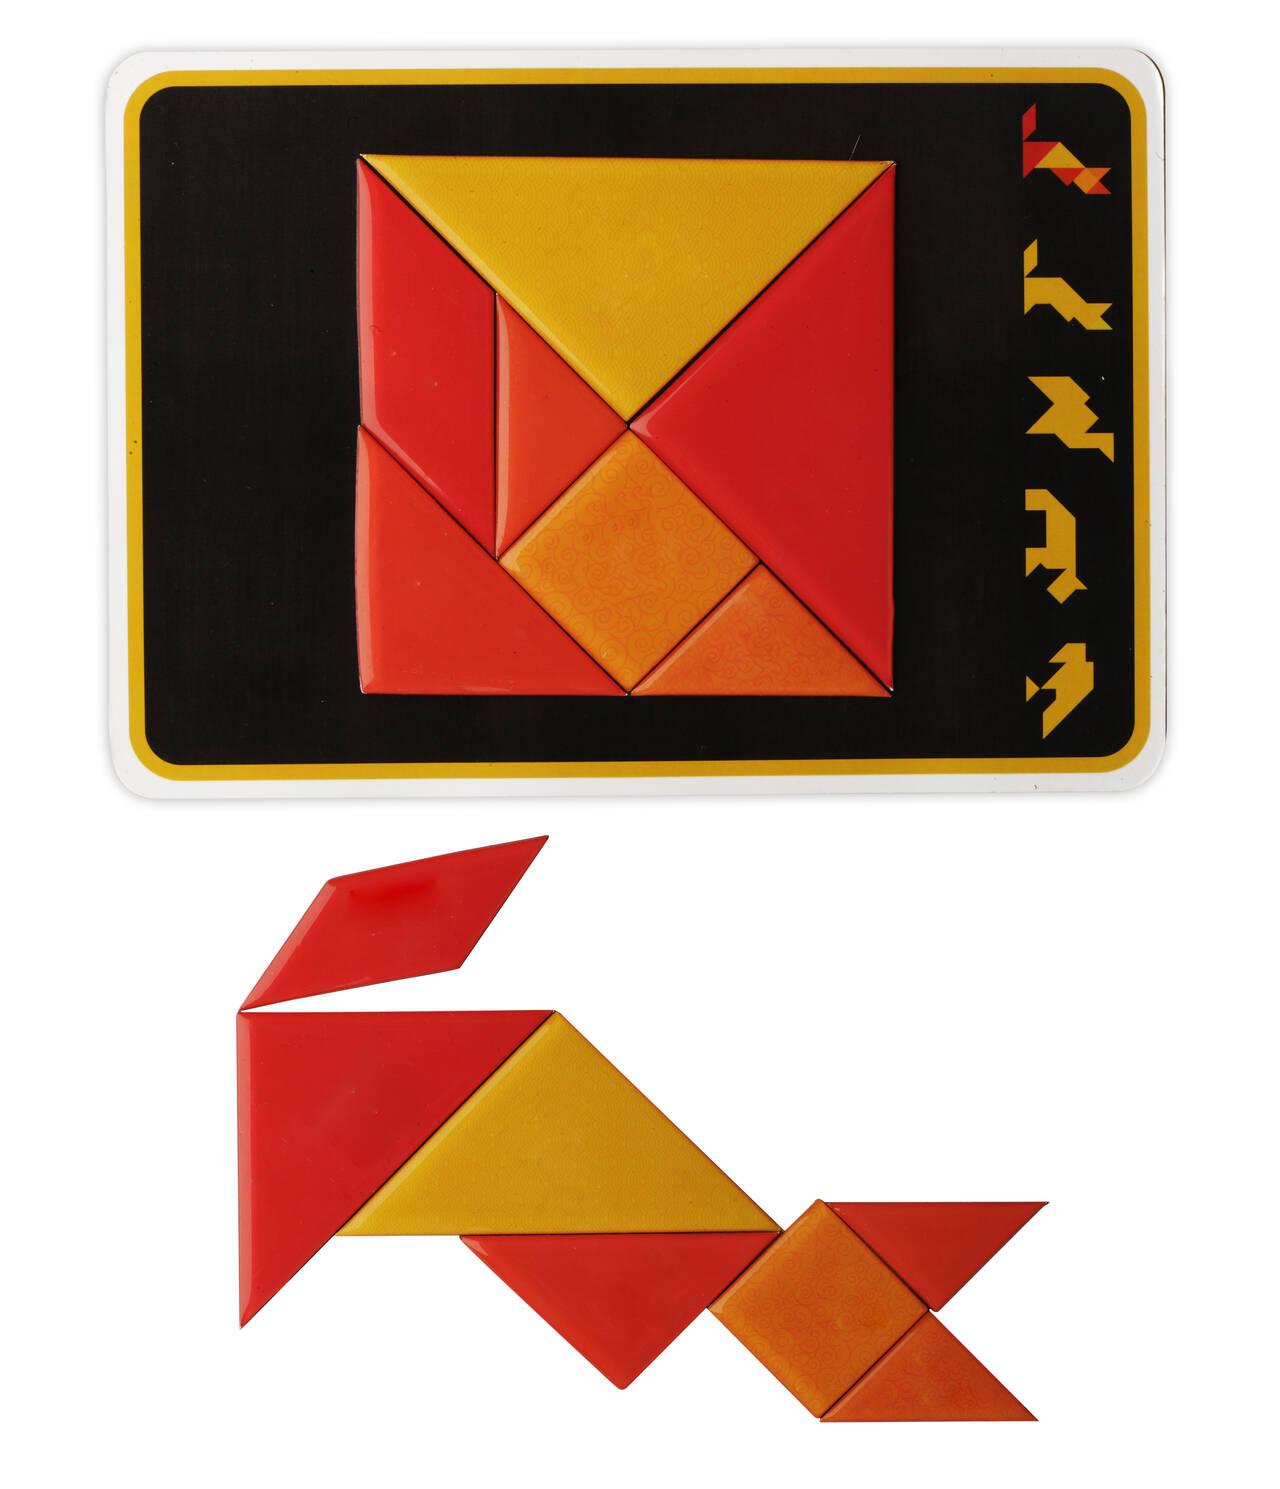 Jeu De Tangram Magnétique Avec Doming - 7 Pièces destiné Pièces Tangram